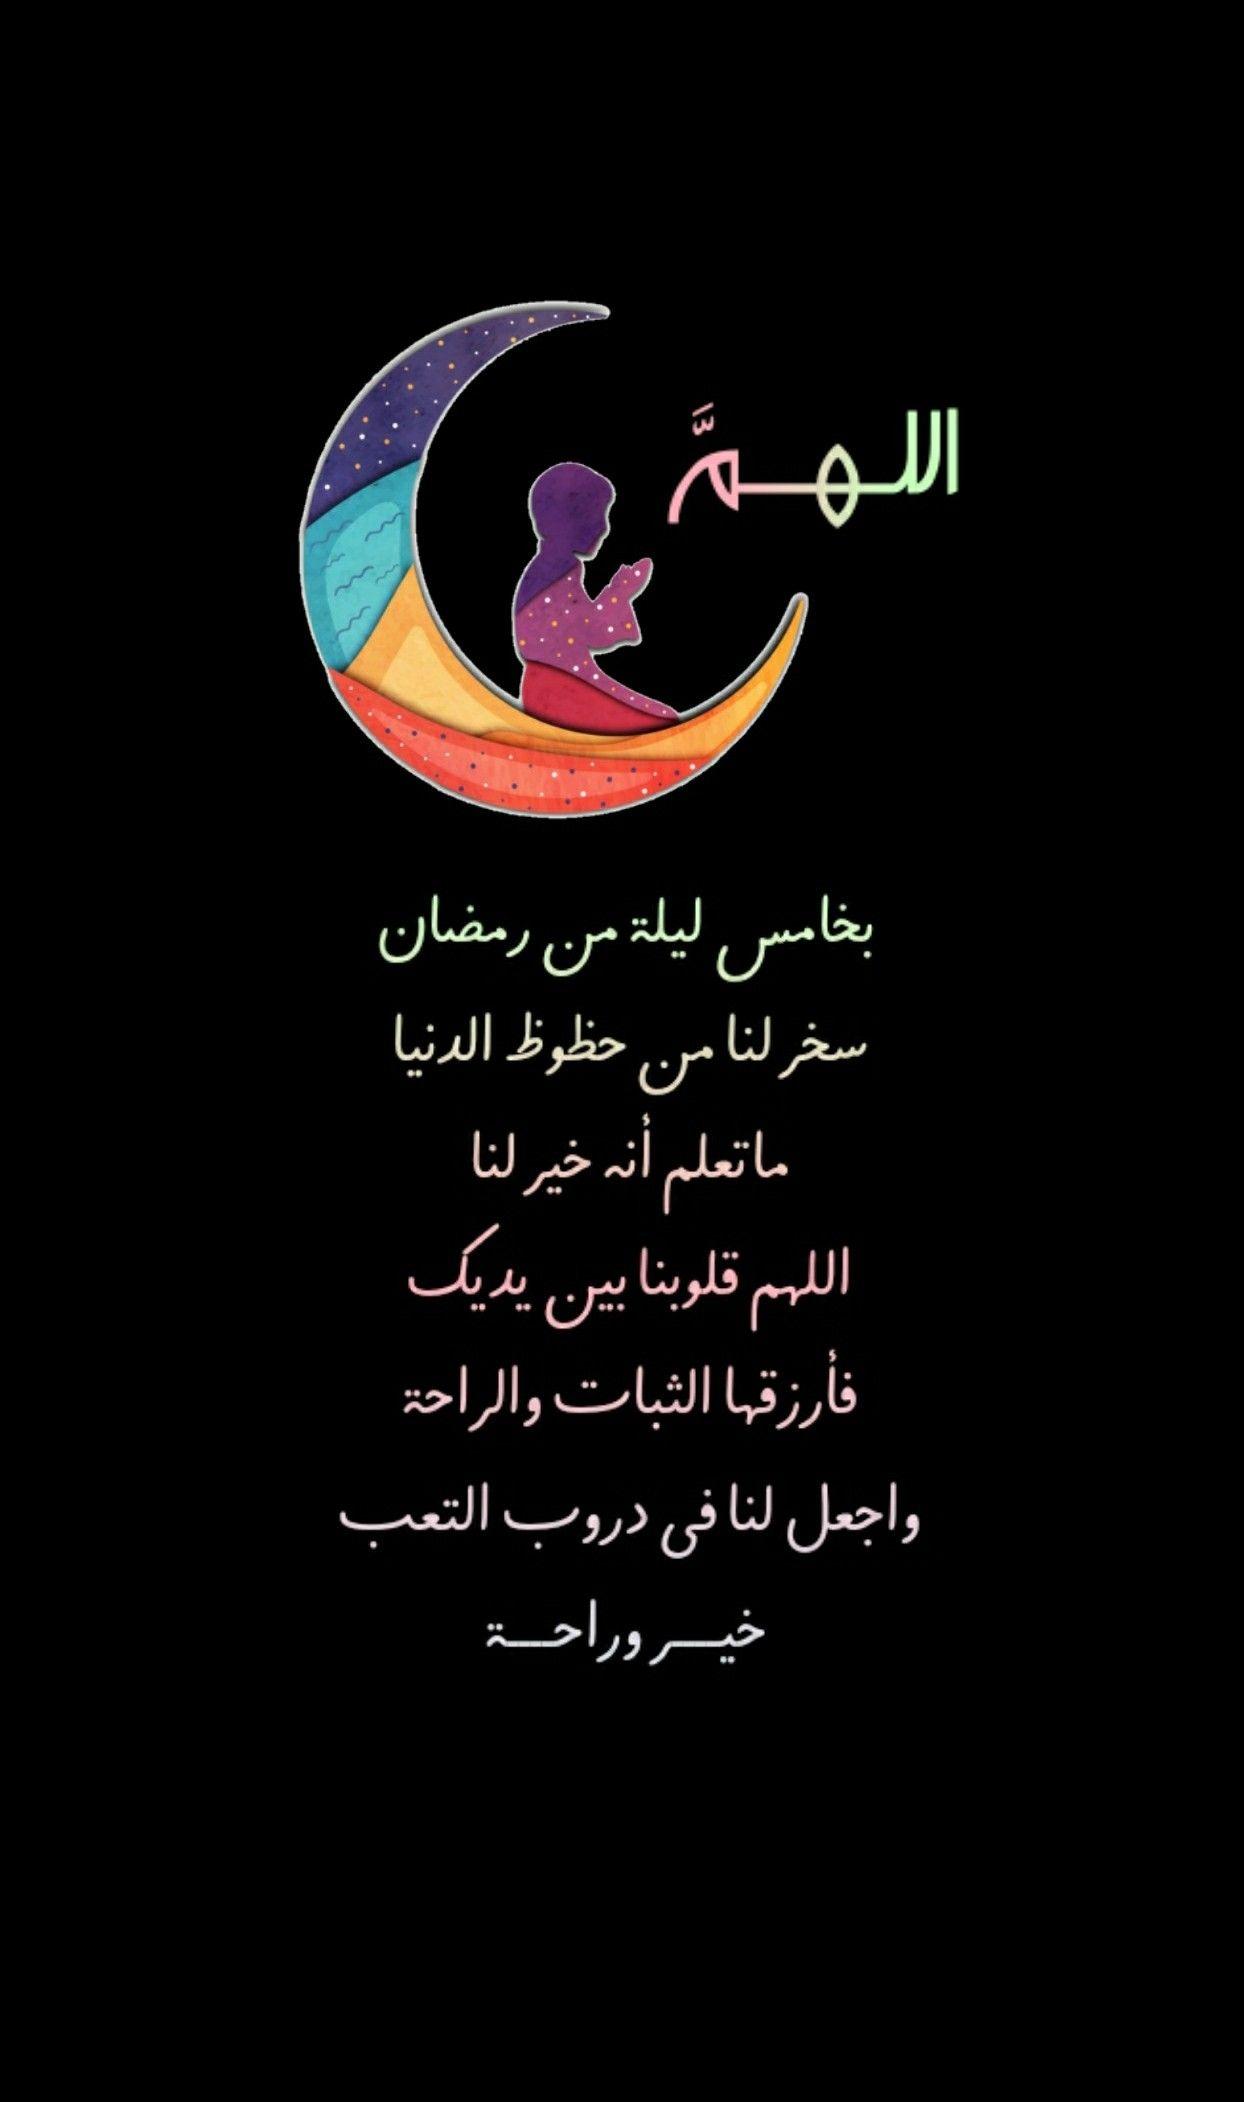 الـلــ هــم بخامس ليلة من رمضان سخر لنا من حظوظ الدنيا ماتعلم أنه خير لنا اللهم قلوبنا بين يديك فأرزقها ا Ramadan Quotes Ramadan Cards Ramadan Greetings